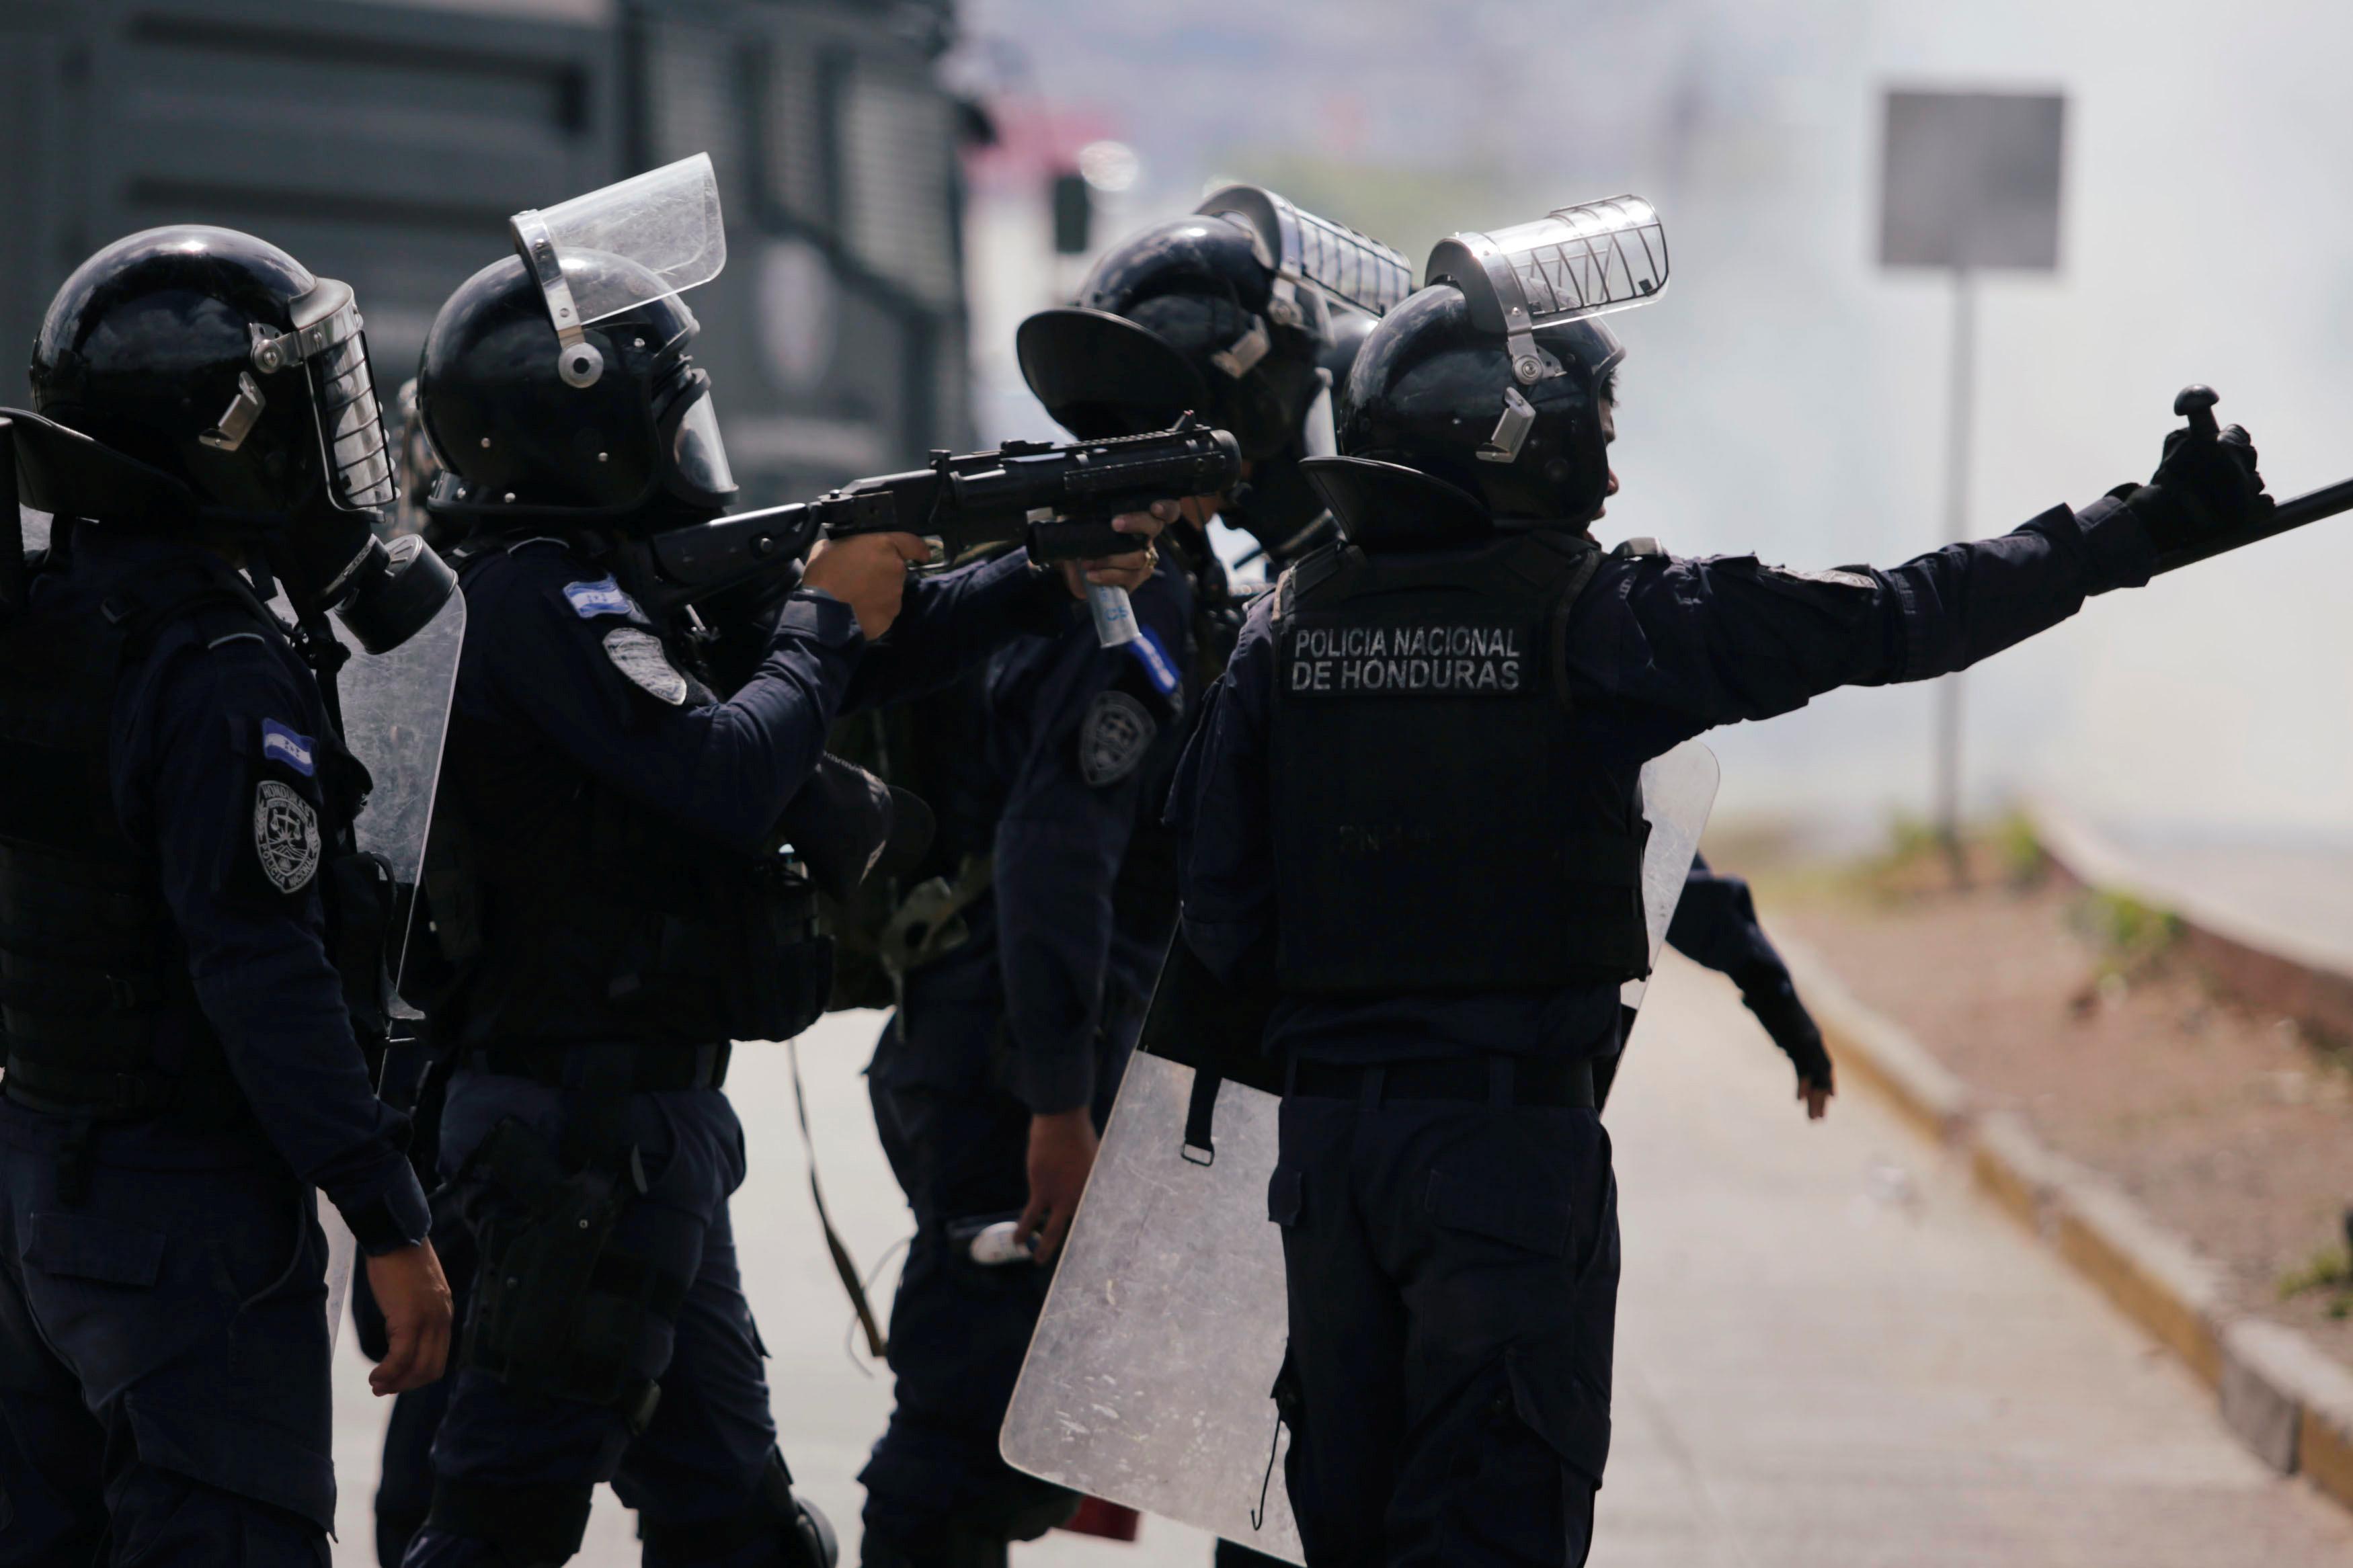 1132845-قوات-الامن-فى-هندوراس-تحاول-فض-الاختجاجات